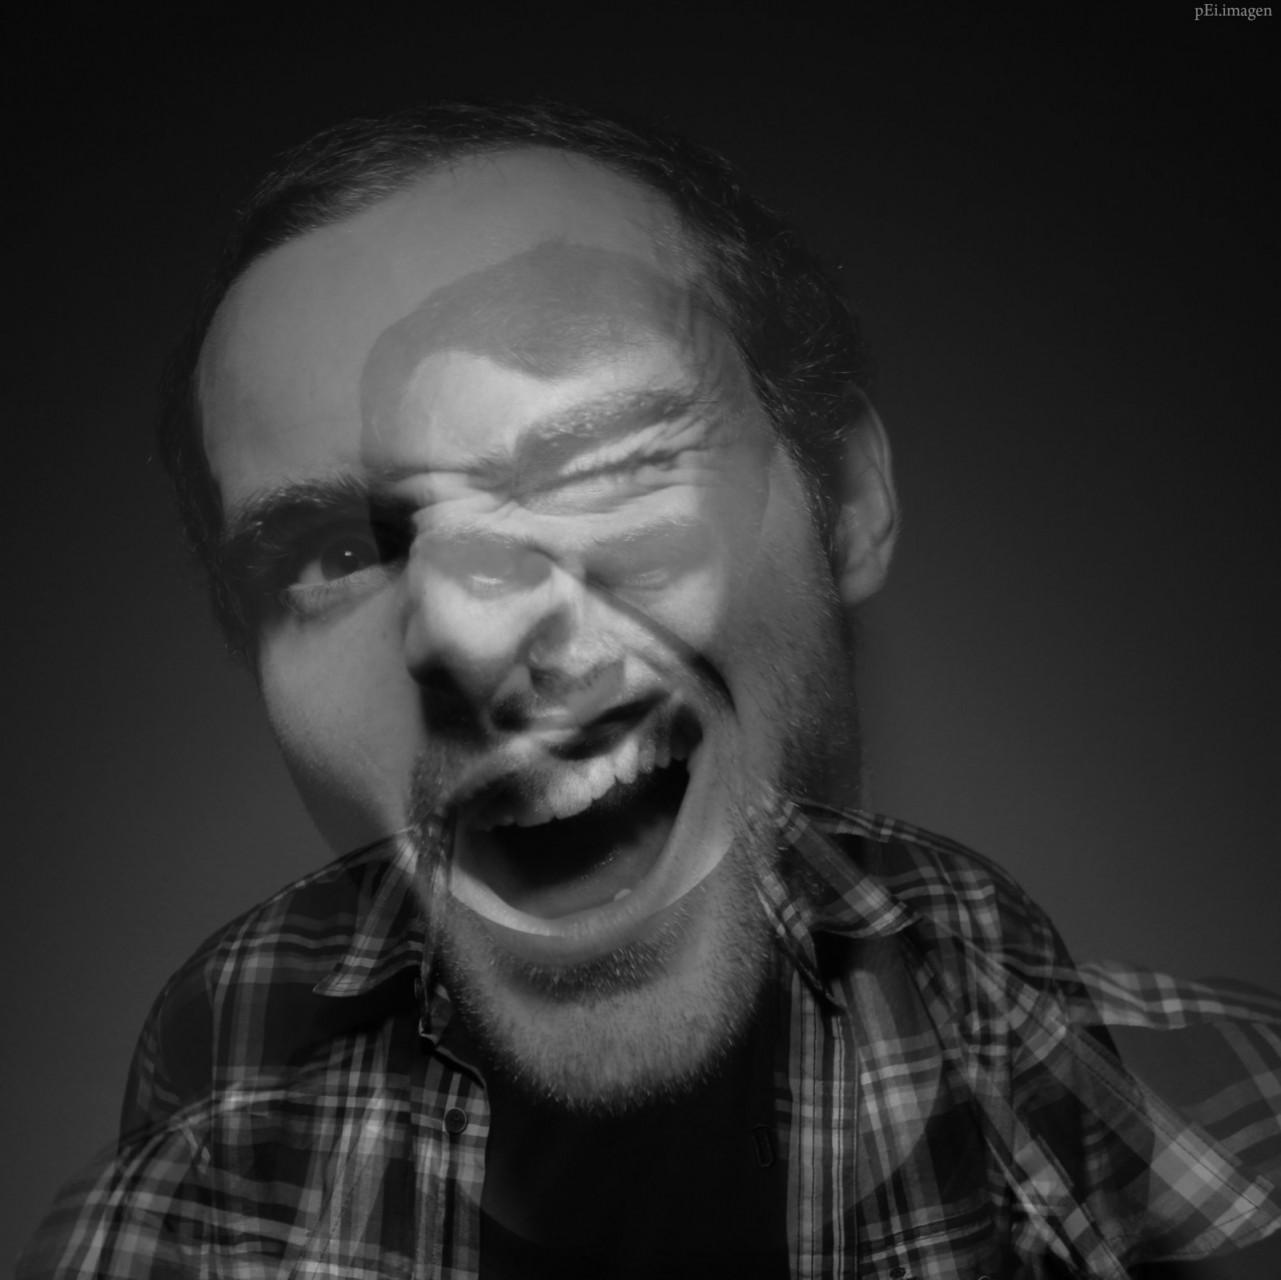 peipegata me myself I proyectos fotografia peipegatafotografia # 009 Jesus Perez Torres